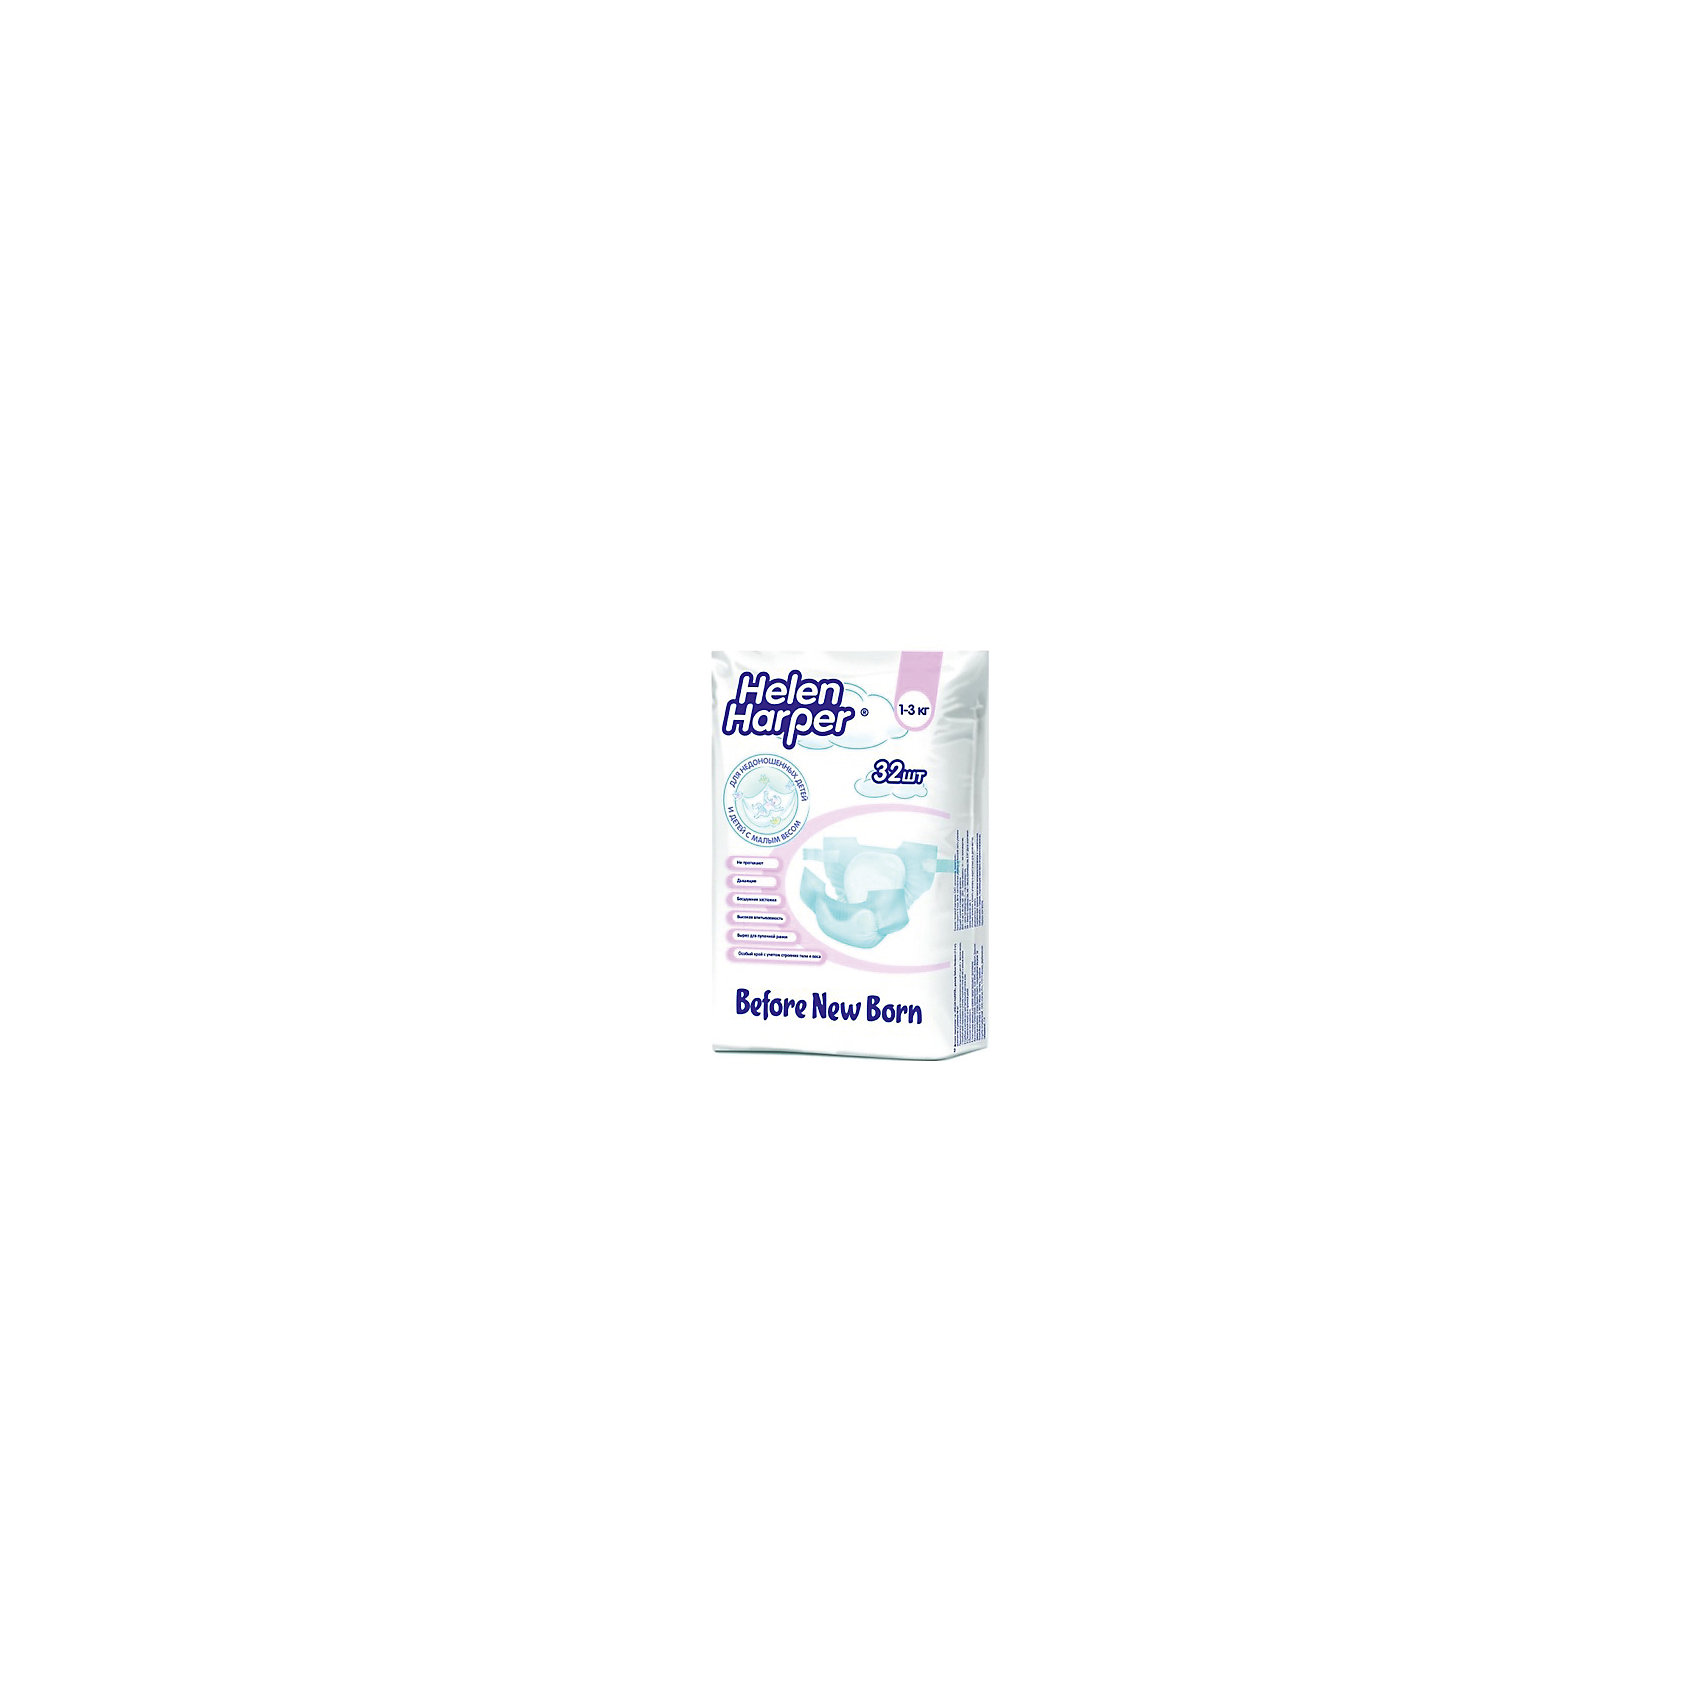 Подгузники  для новорожденных и  недоношенных Before Newborn 1-3 кг. (32 шт.)Подгузники классические<br>«Helen Harper» с ярким рисунком обеспечивают комфорт и защиту. Натуральная распушенная целлюлоза способствует быстрому поглощению влаги, в то время, как полностью влагонепроницаемый нижний слой предотвращает протекание. Коврики «Helen Harper» можно использовать в различных ситуациях:<br><br>При переодевании малыша<br><br>Для защиты малыша во время ночного сна<br><br>Коврик позволяет малышу отдохнуть от подгузников, не заботясь о возможных неприятностях.<br><br>Коврики предлагаются в 2 размерах: 60x60 и 60x90 см<br><br>Ширина мм: 600<br>Глубина мм: 600<br>Высота мм: 200<br>Вес г: 660<br>Возраст от месяцев: -2147483648<br>Возраст до месяцев: 2147483647<br>Пол: Унисекс<br>Возраст: Детский<br>SKU: 4729774